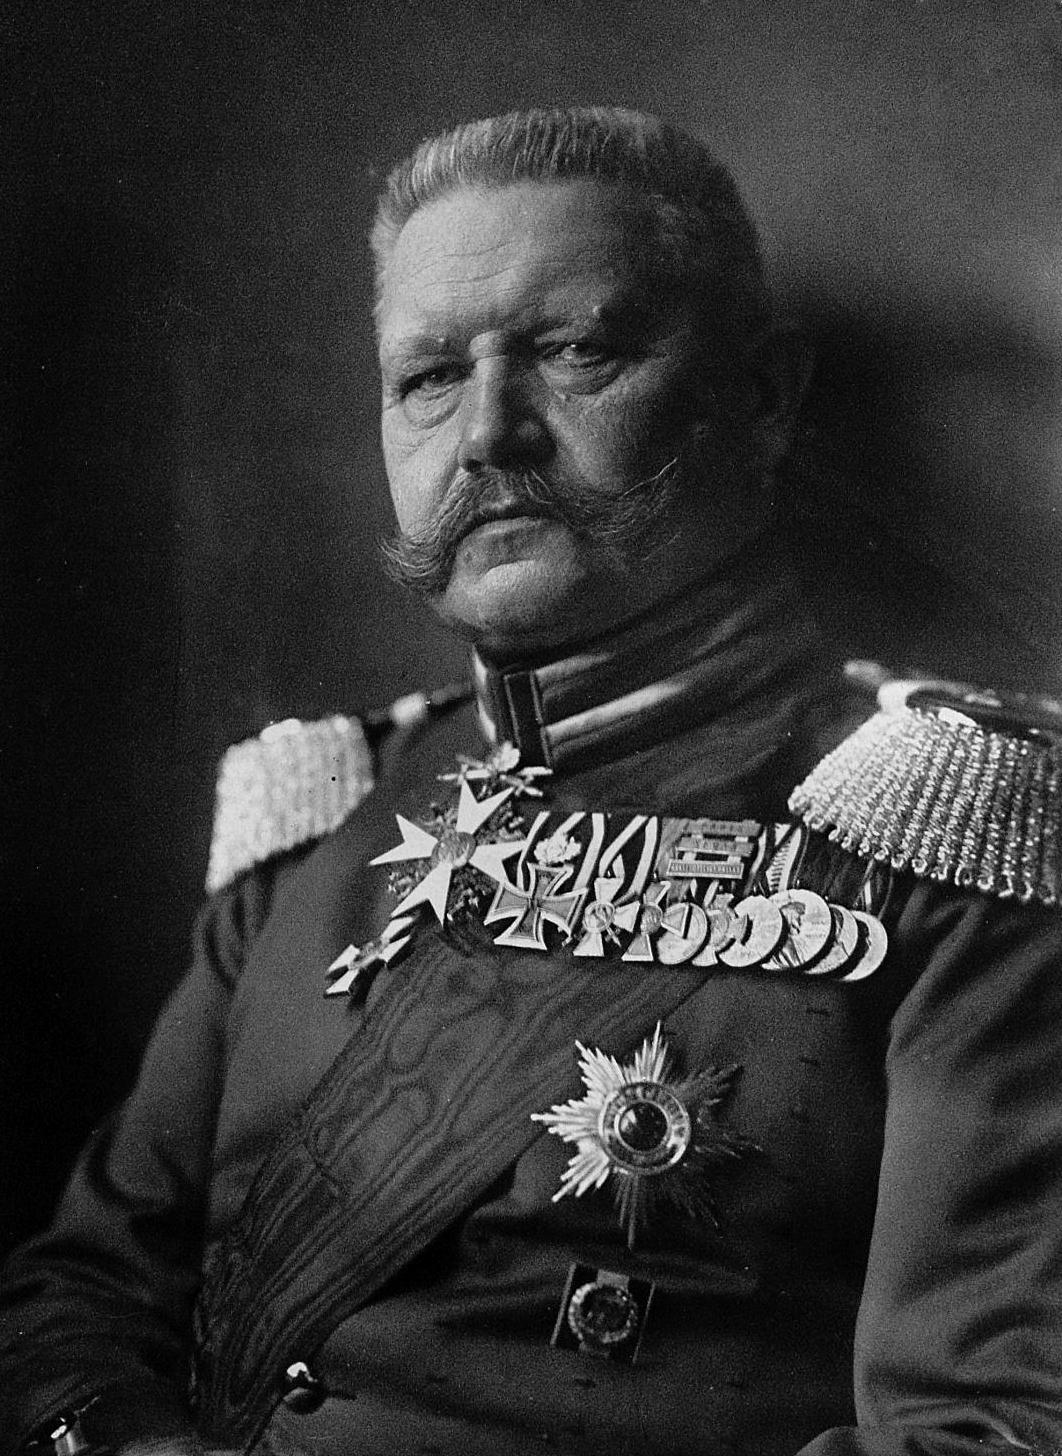 SVI ZNAMO DA JE 10.TRAVNJA ZNAČAJAN 9-Paul_von_Hindenburg-wikimedia